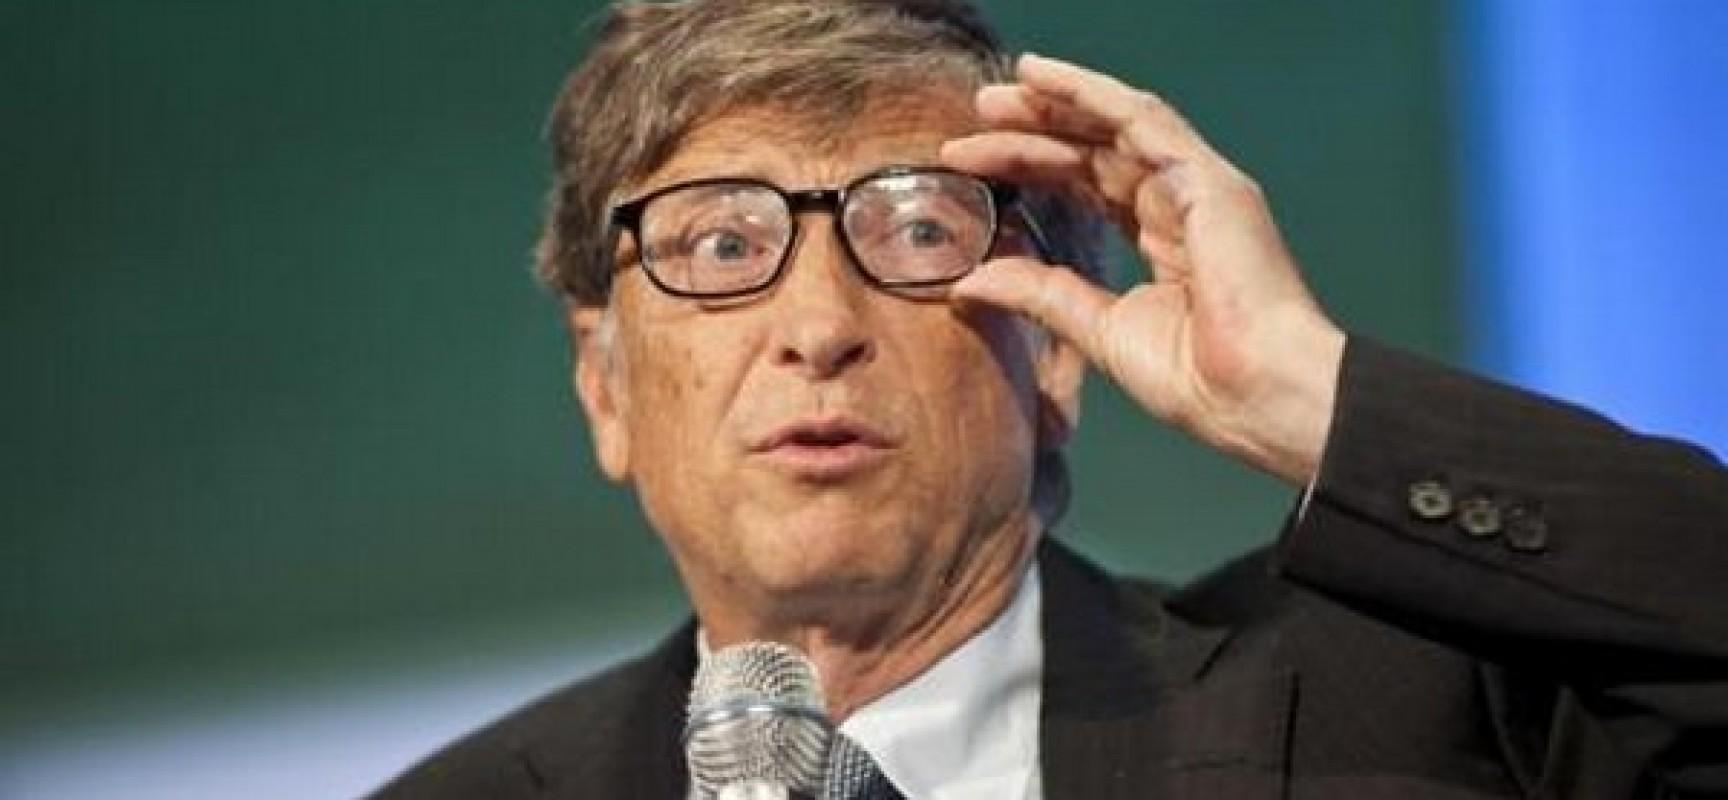 La crise s'est aggravée en 2014 : les 400 plus grandes fortunes mondiales ne se sont enrichies que de 92 milliards $